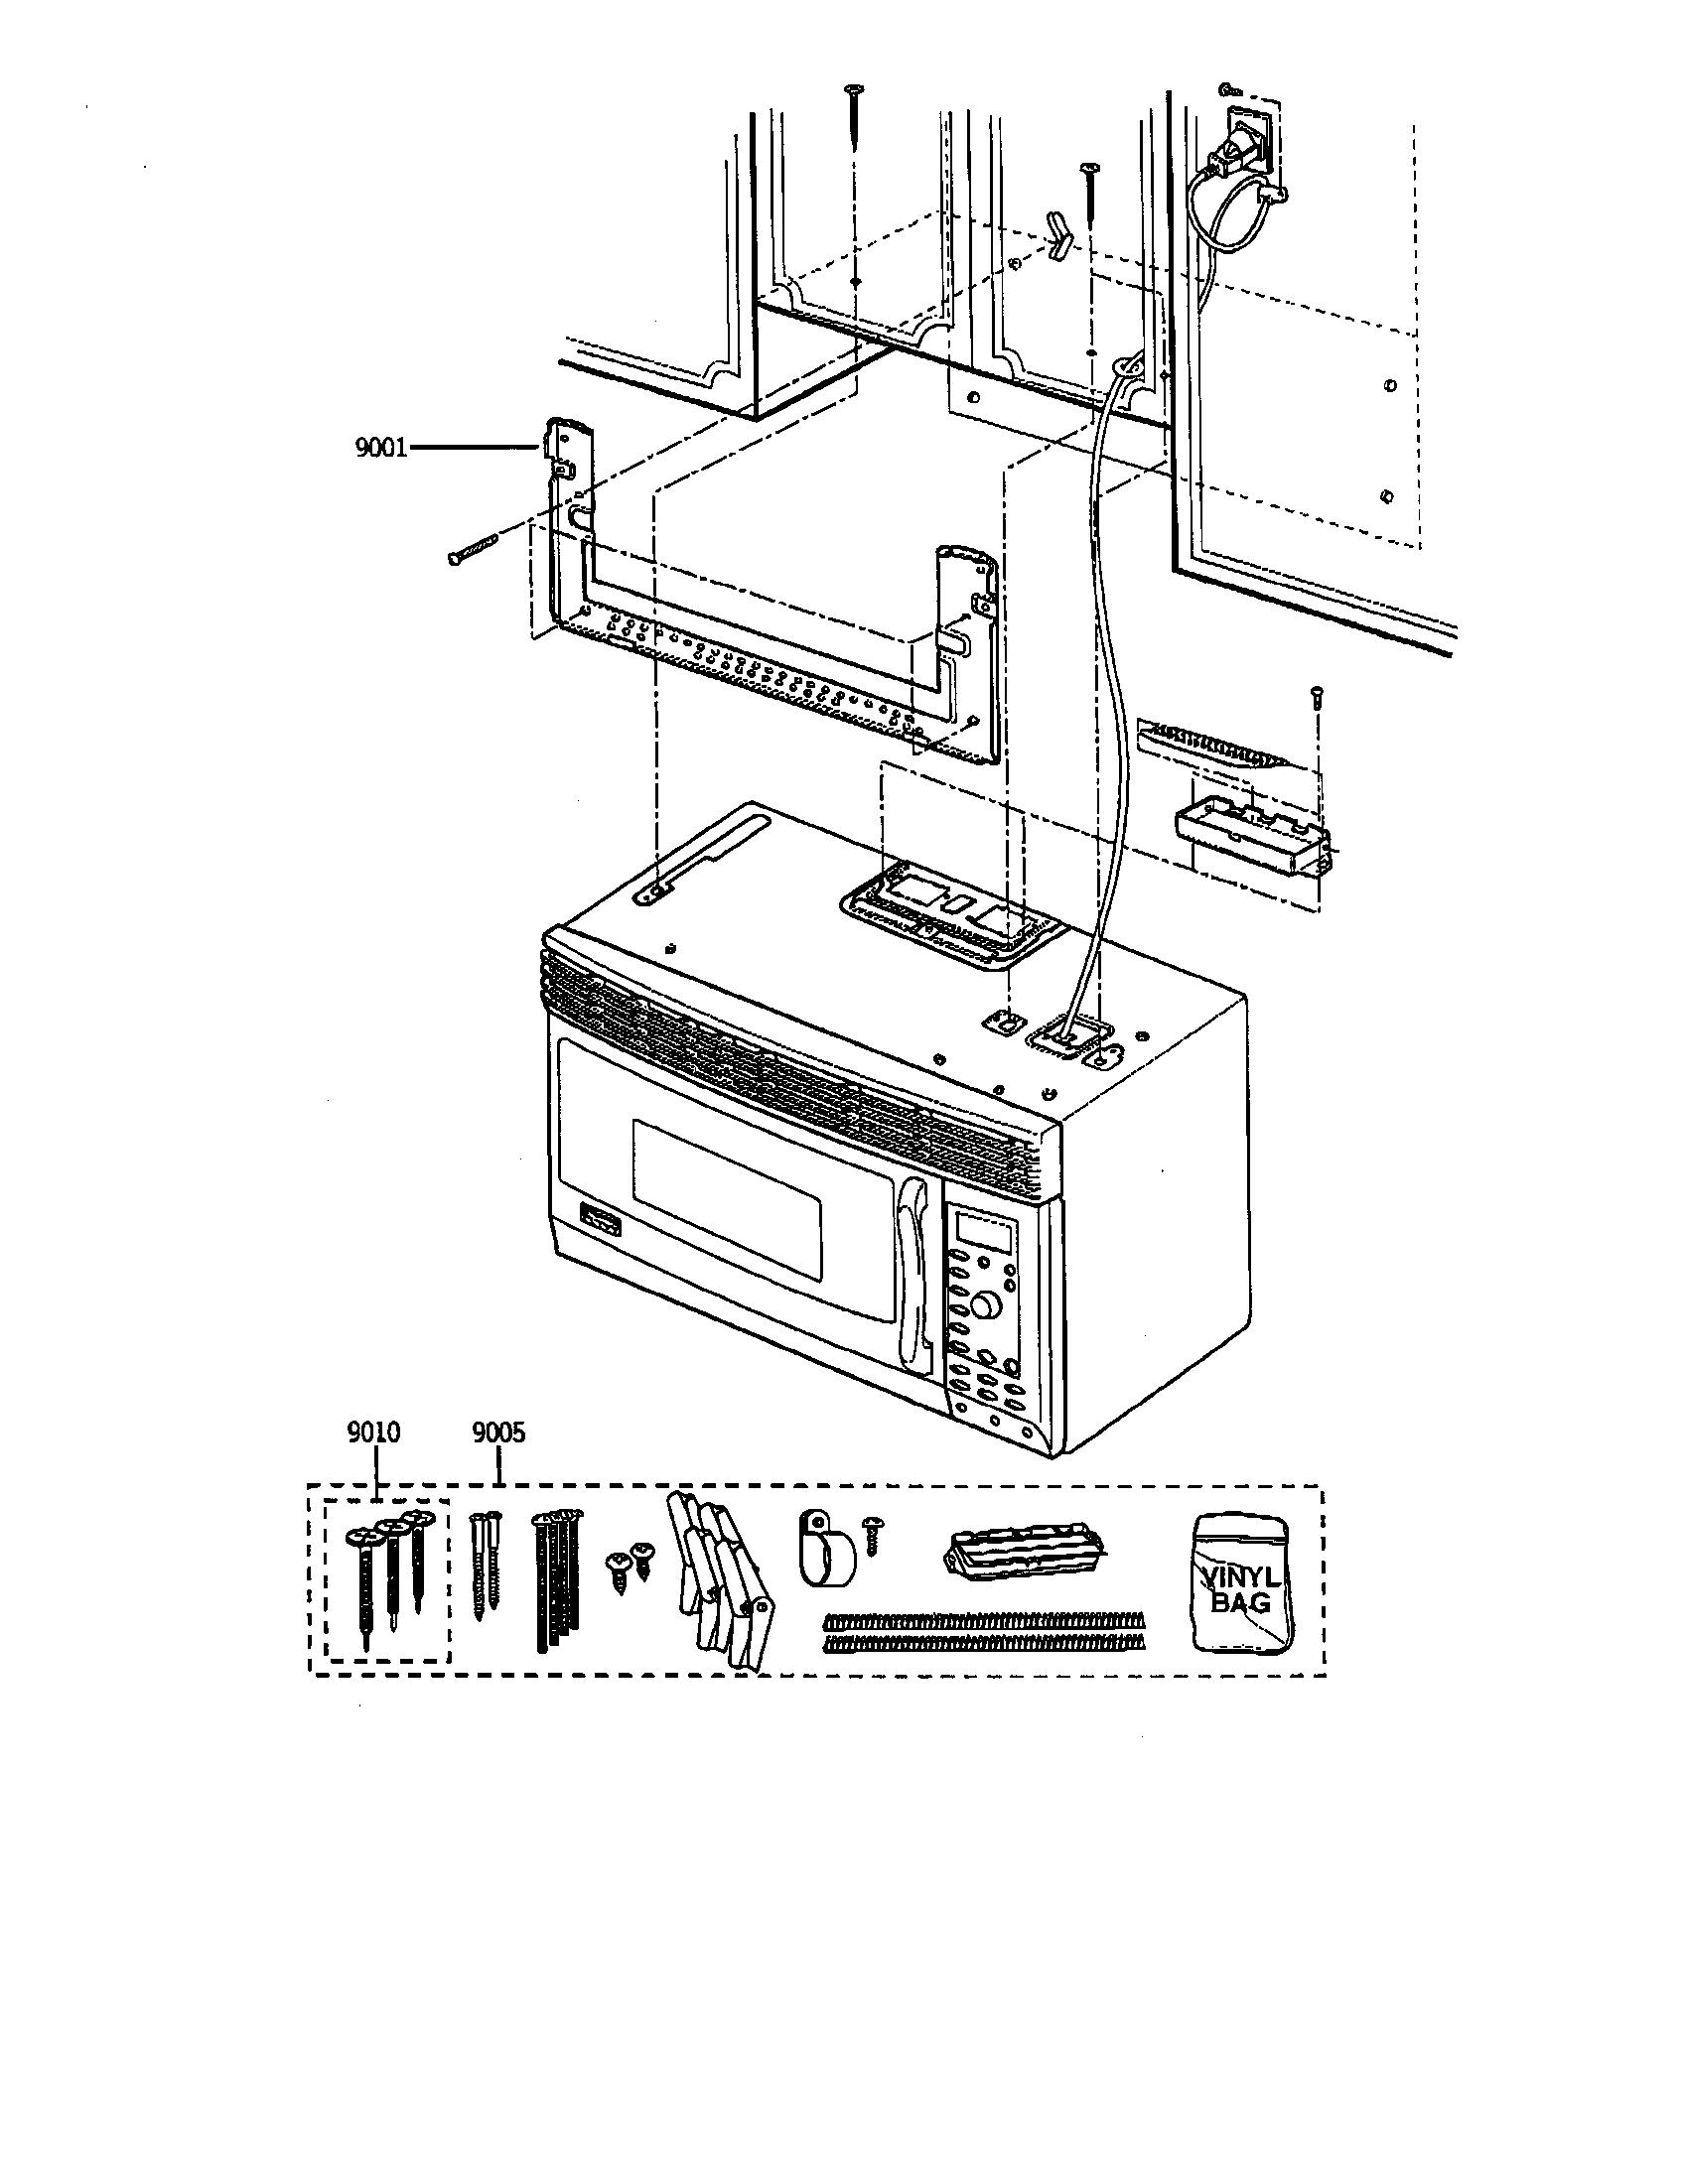 Kenmore-Elite model 36363679201 microwave/hood combo